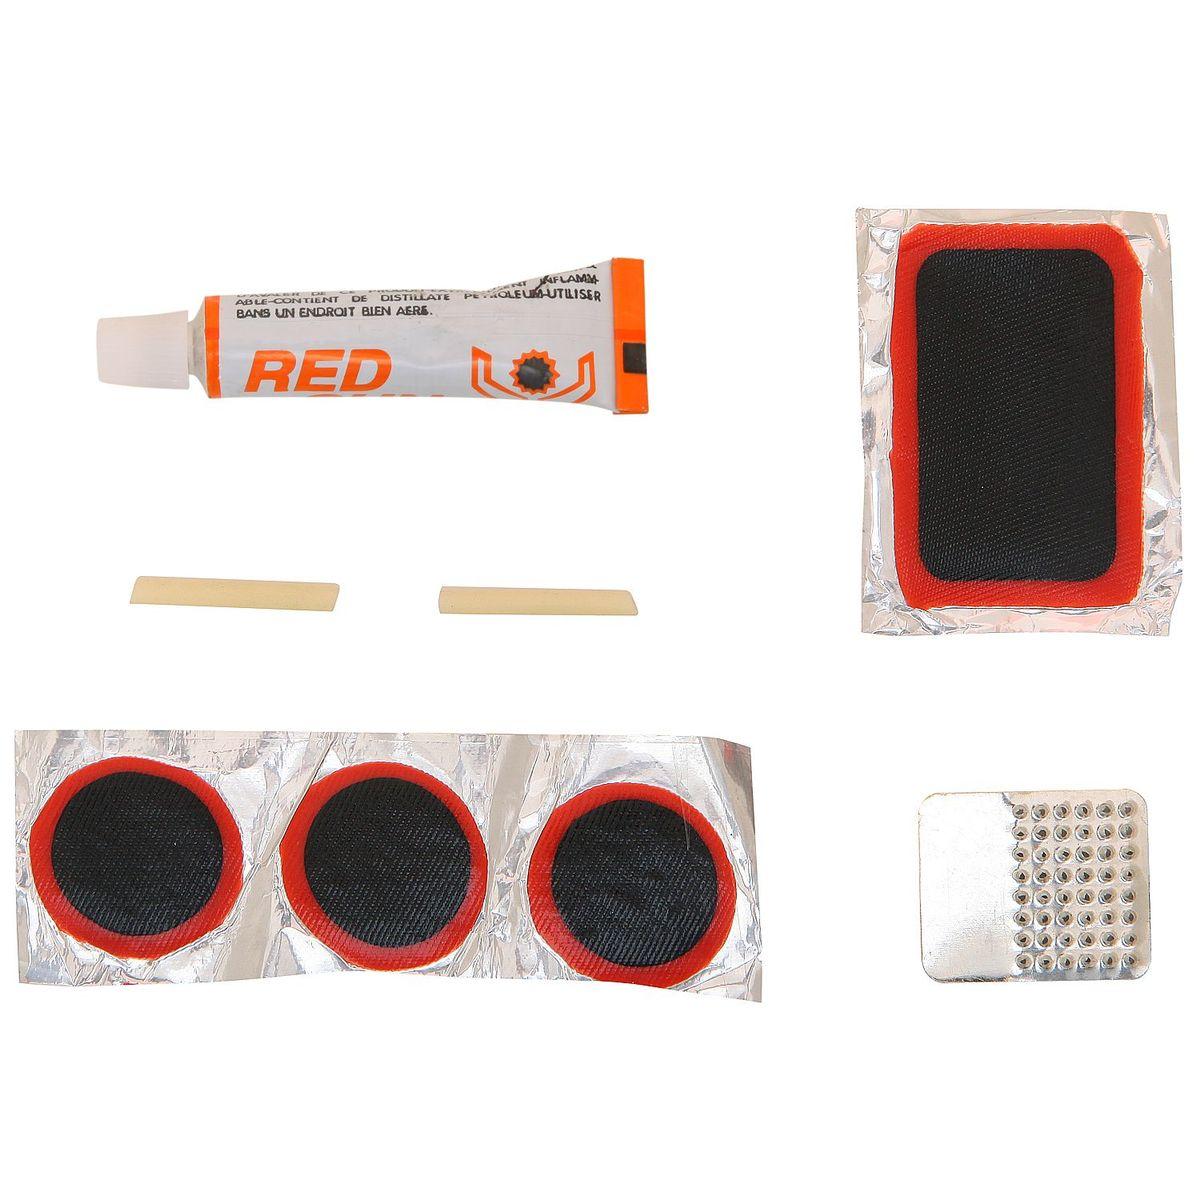 Аптечка для ремонта камер STG T35003. Х33238-5MW-1462-01-SR серебристыйВелоаптечка STG T35003 предназначена для ремонта велопокрышек и камер велосипедов.В комплекте: терка, клей, заплатки.